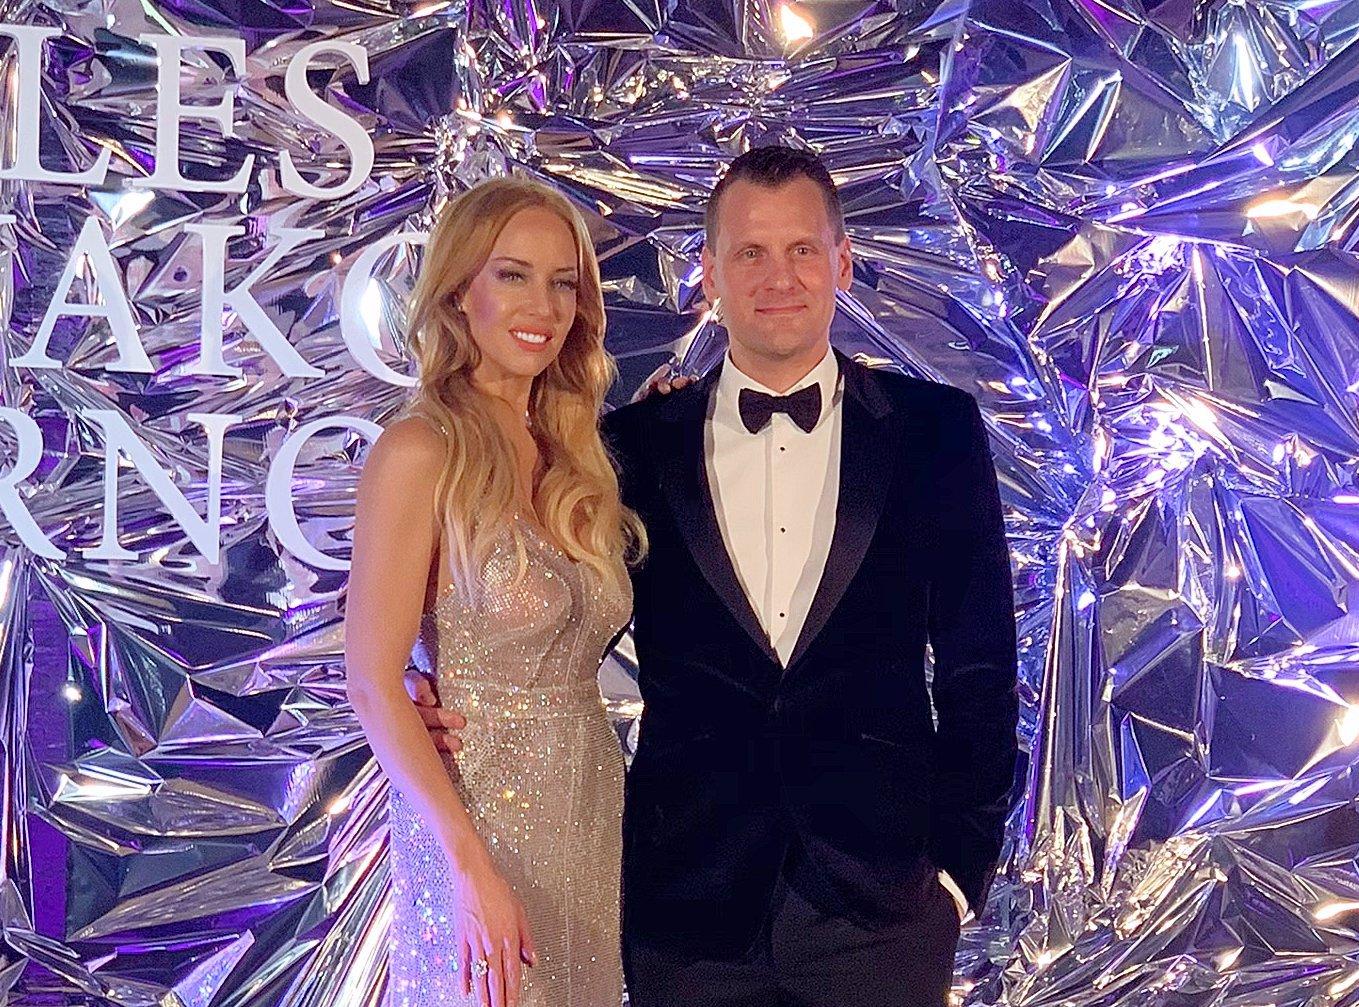 Zpěvačka Kateřina Mátlová (41) je těhotná: S oznámením přišla měsíc po smrti otce